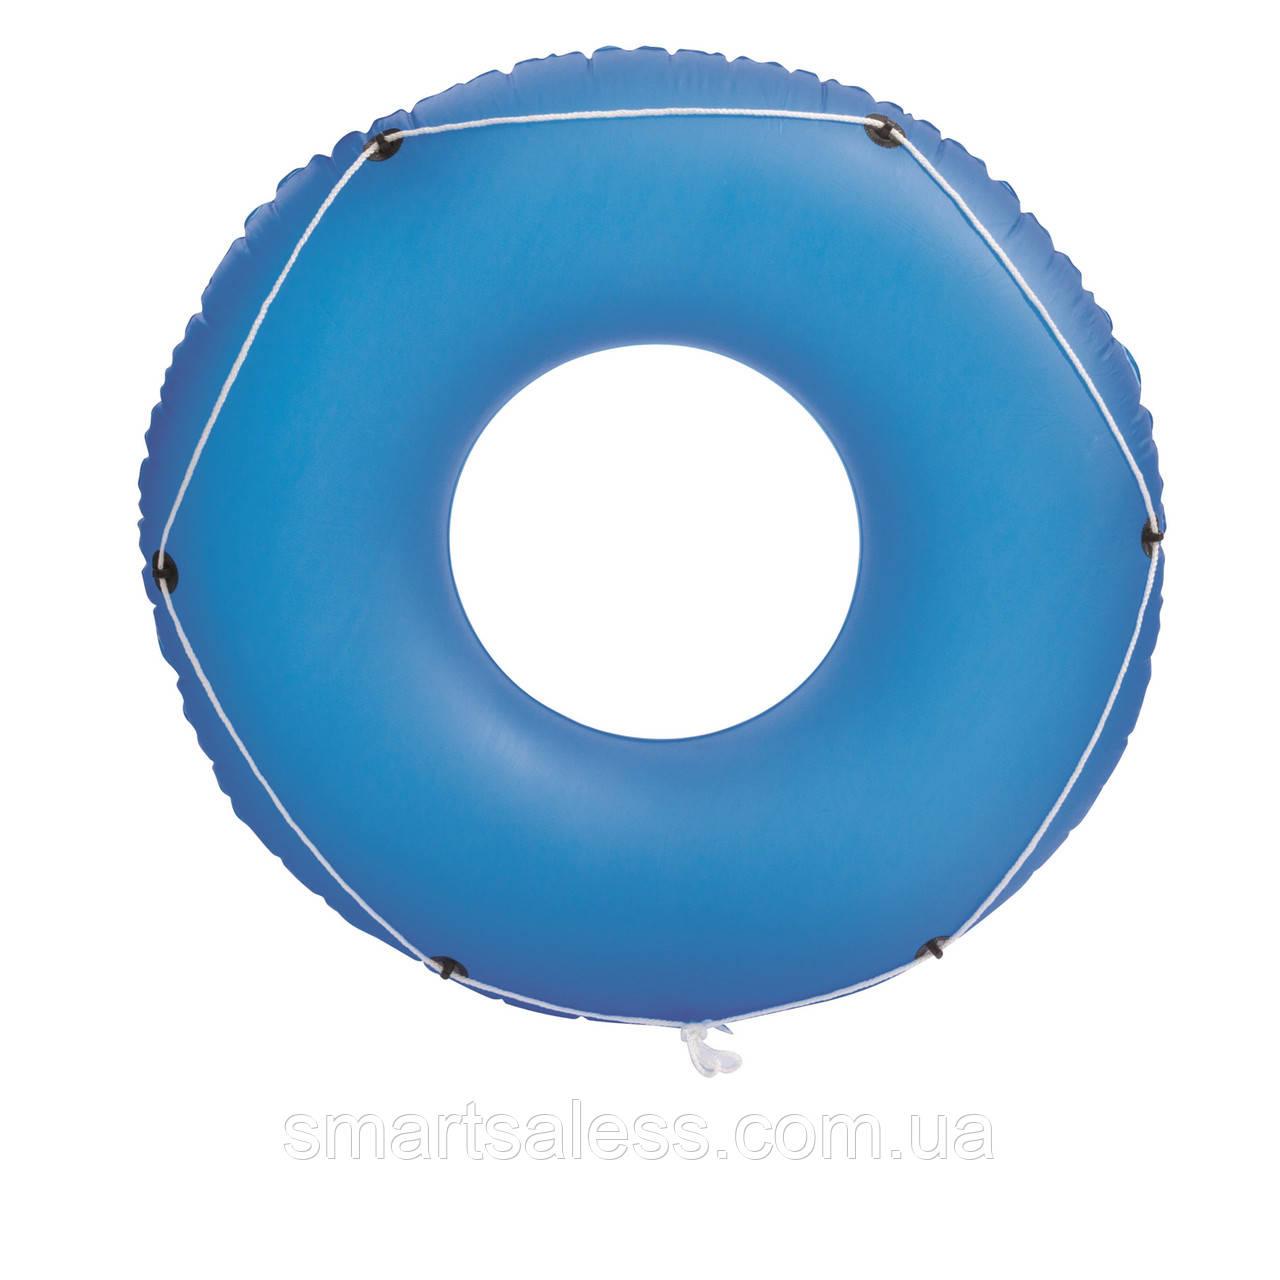 Надувной круг Bestway 36120 с канатом, 119 см, голубой